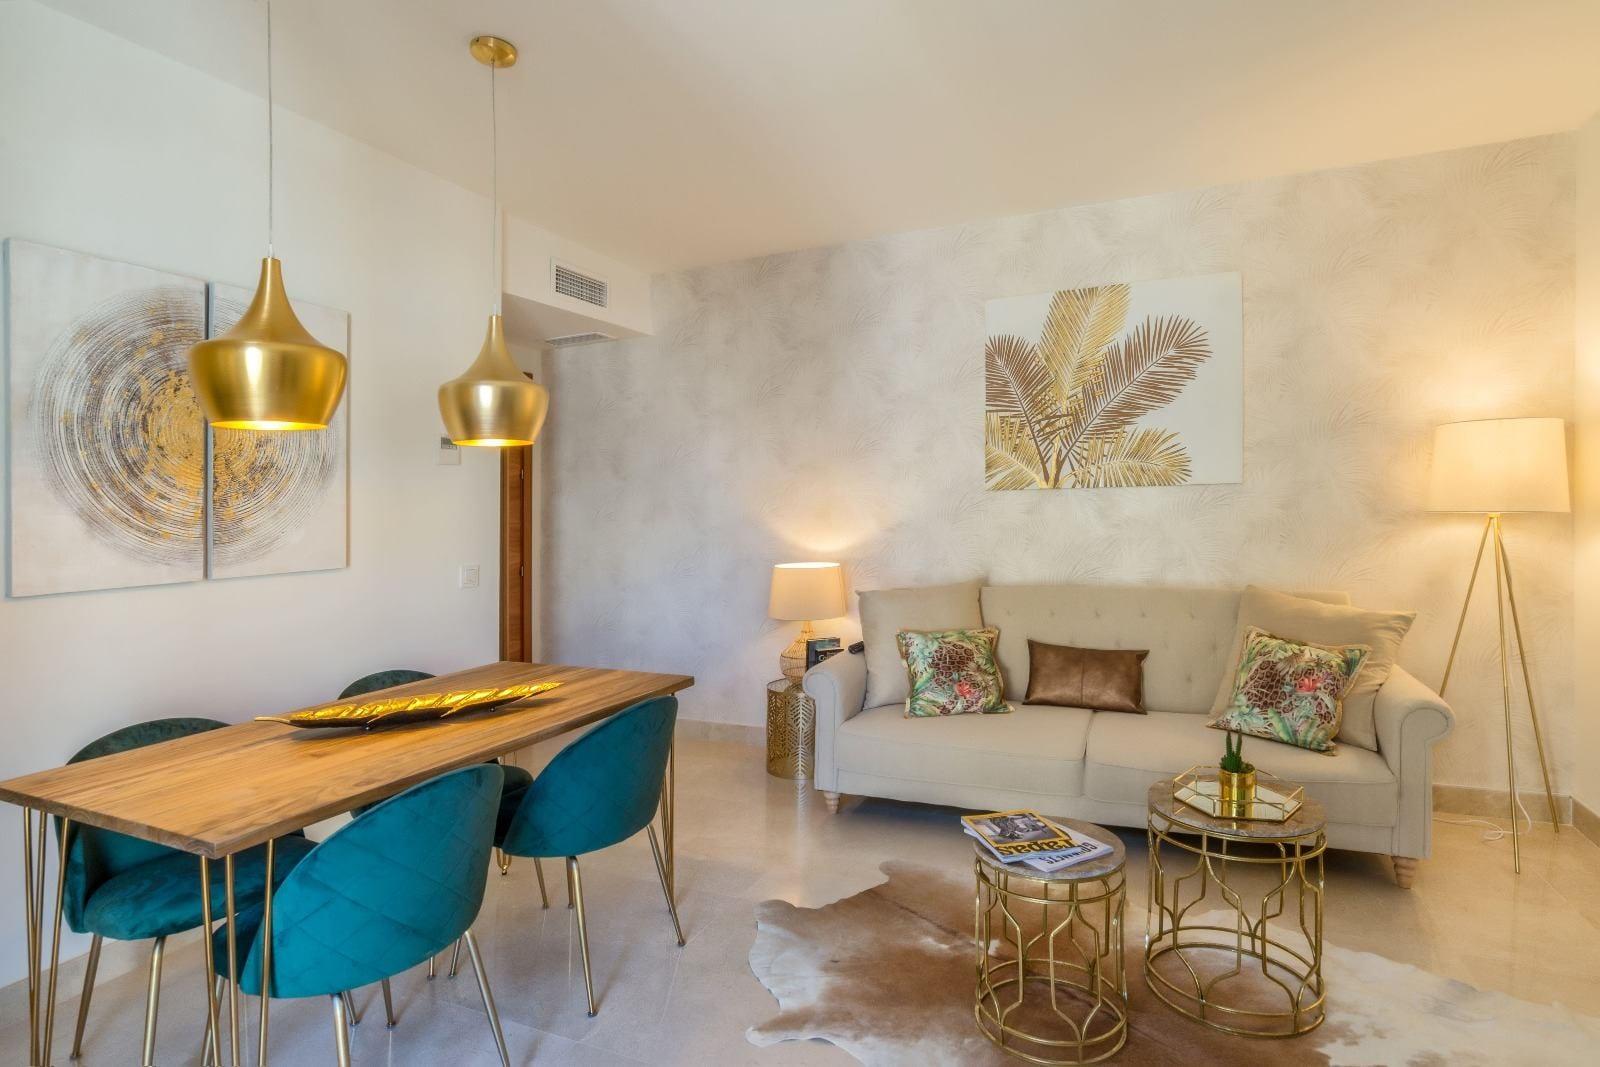 Decoración de apartamentos de alquiler estilo tropical chic